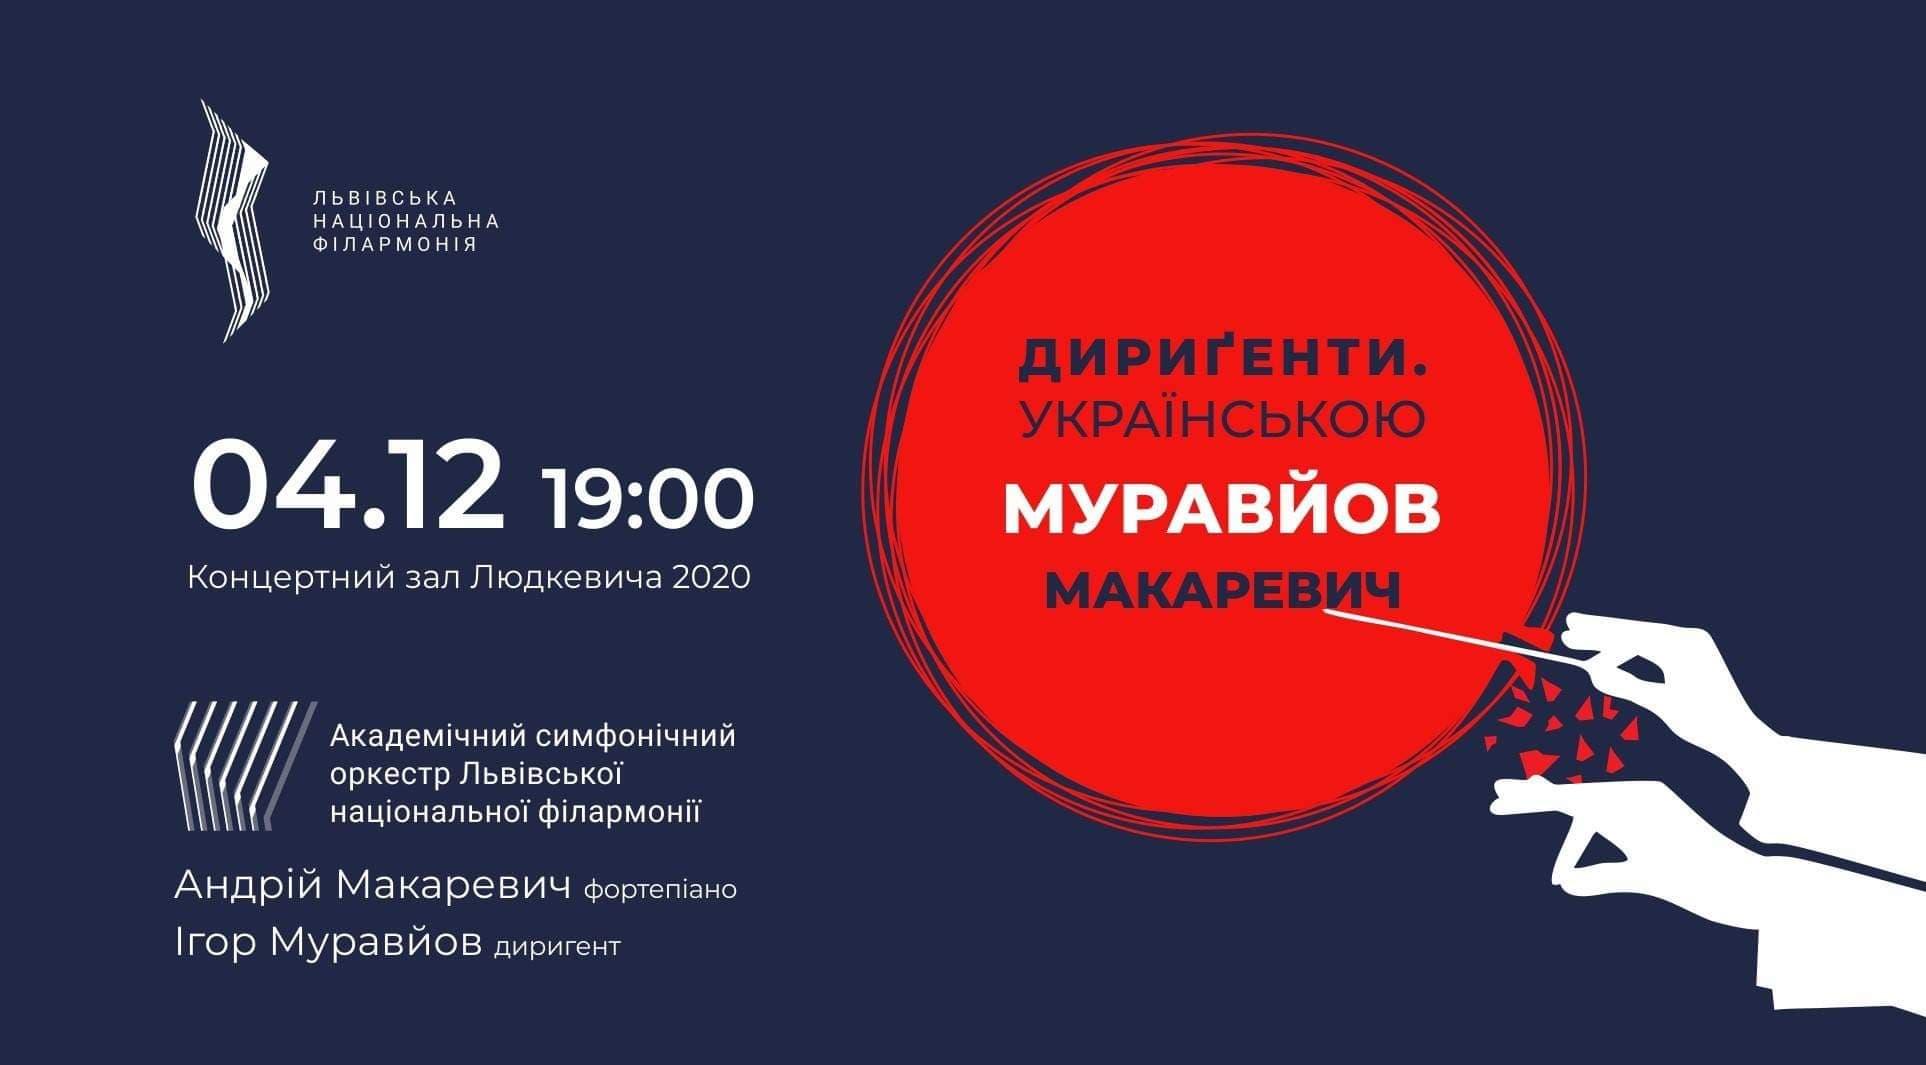 «Дириґенти. Українською»: Львівська філармонія запрошує на концерт